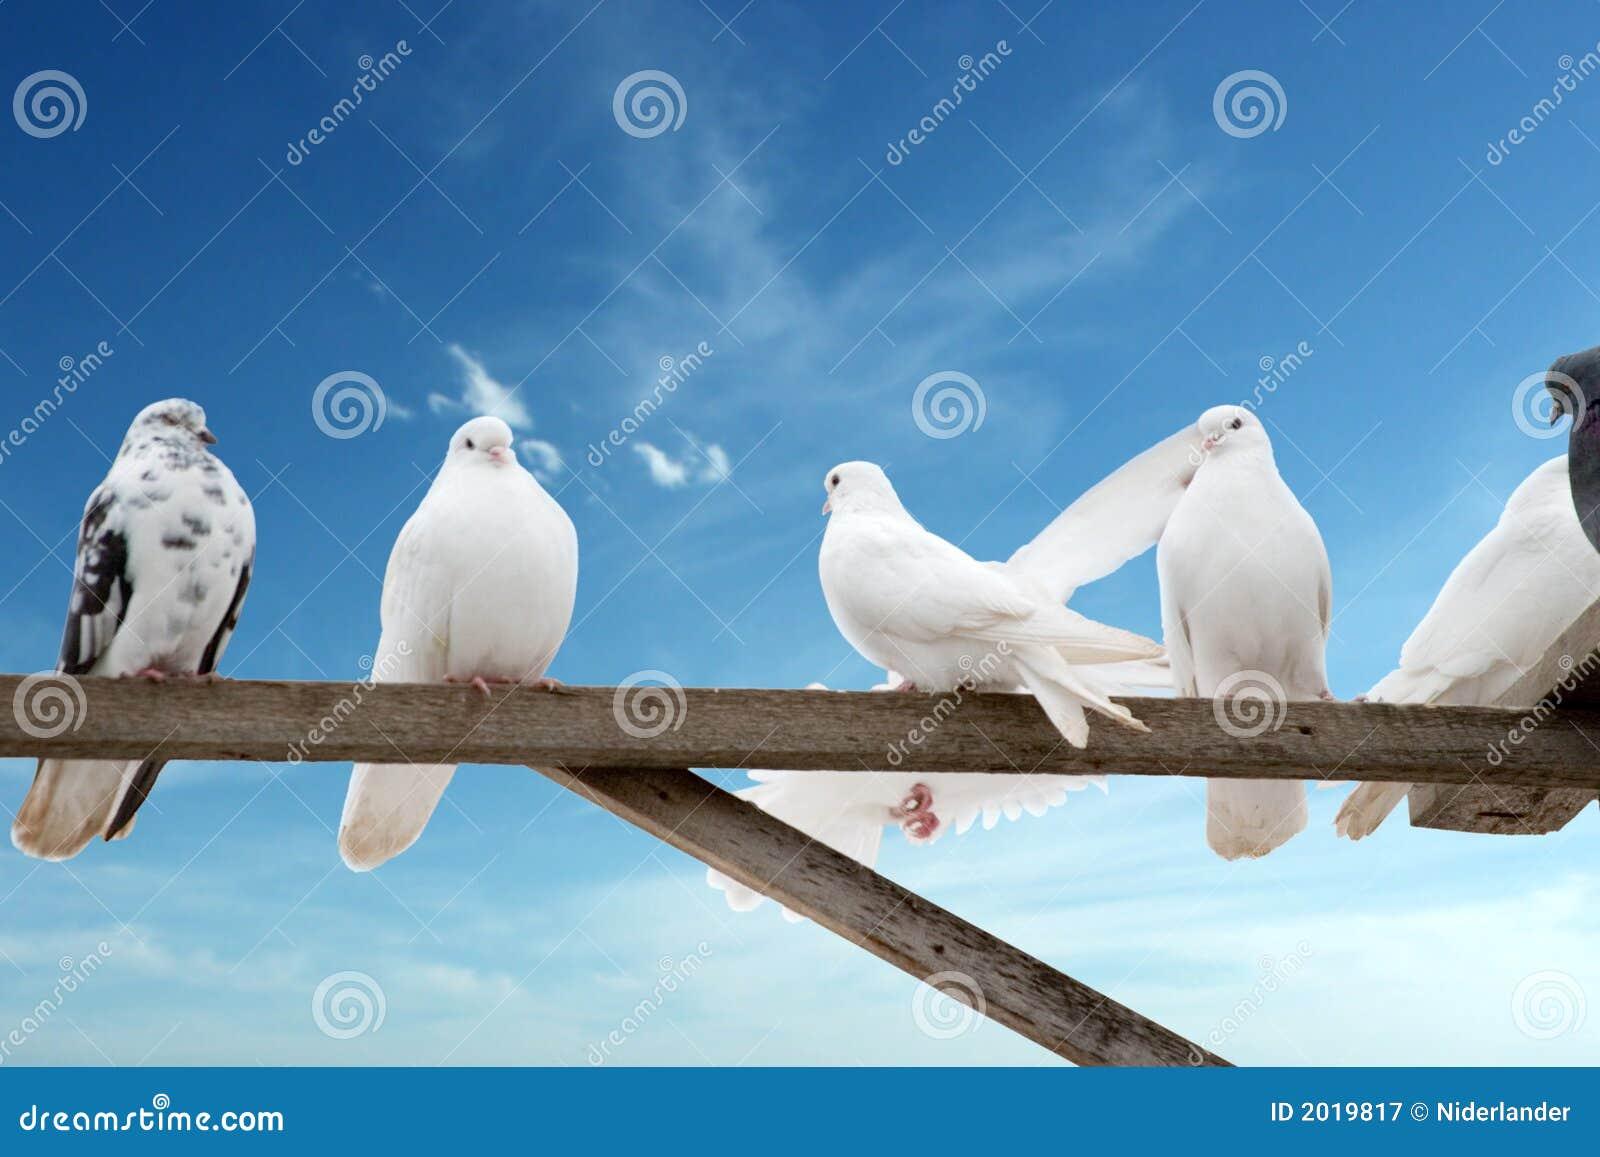 Hodować gołębie do domu